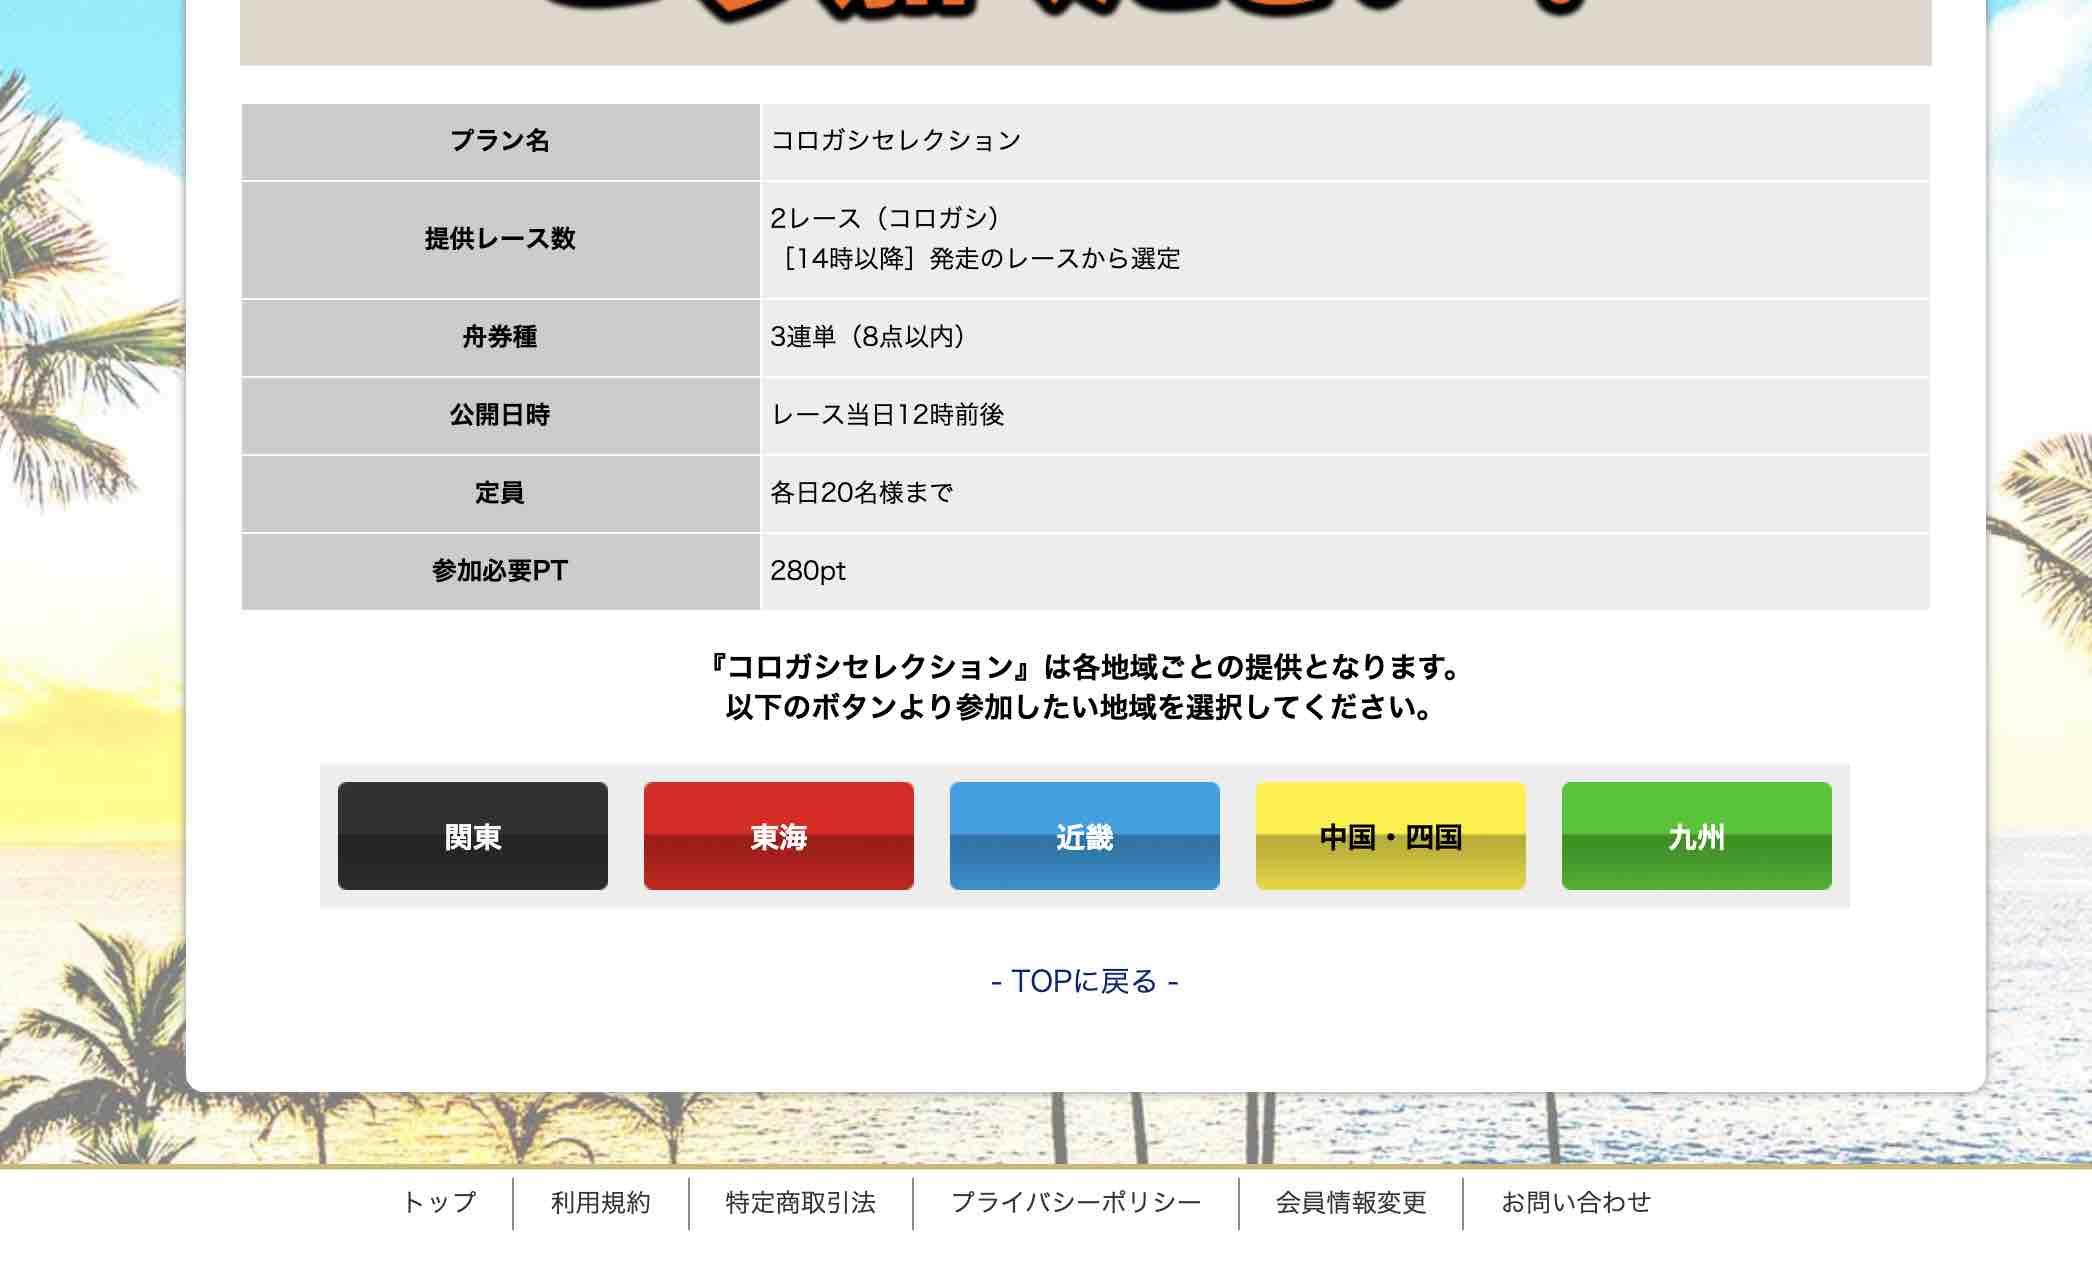 ボートキングダムという競艇予想サイトは利用者が調子見て地域も日付も選択できる